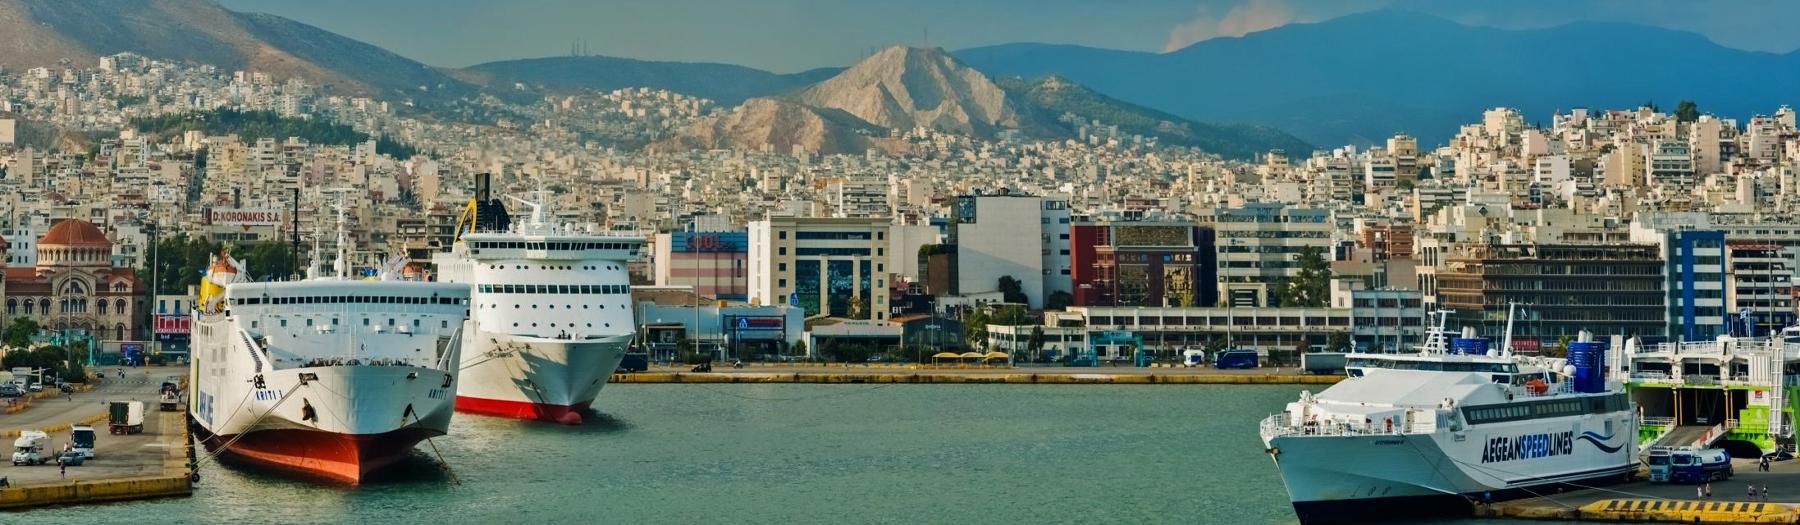 De haven van Piraeus